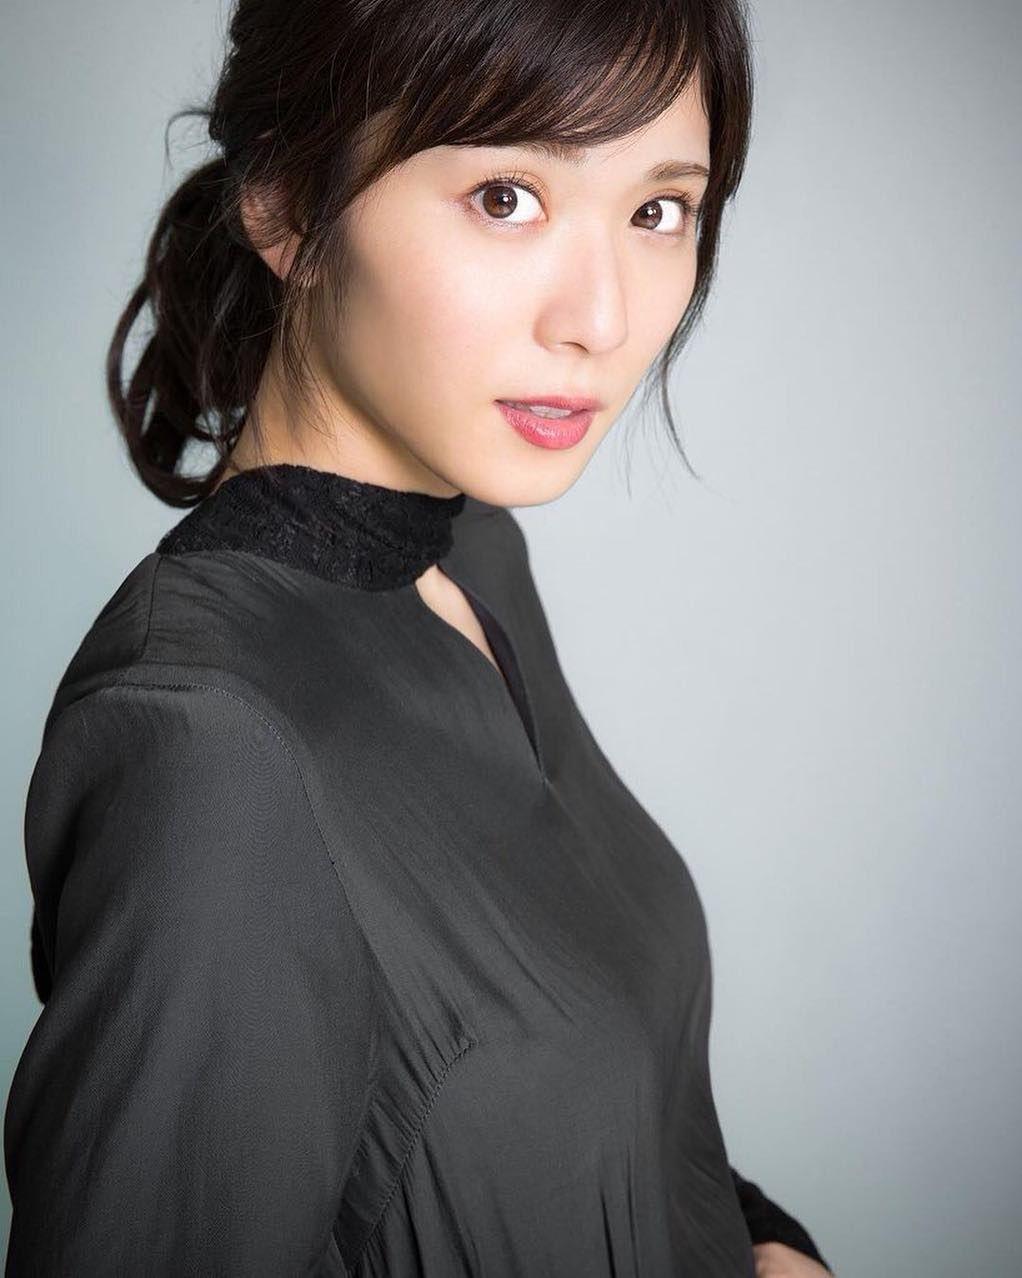 もうね かわい過ぎません 美人過ぎません 松岡茉優ファンは幸せだよぉ 松岡茉優 Japanese Beauty Beauty Asian Beauty